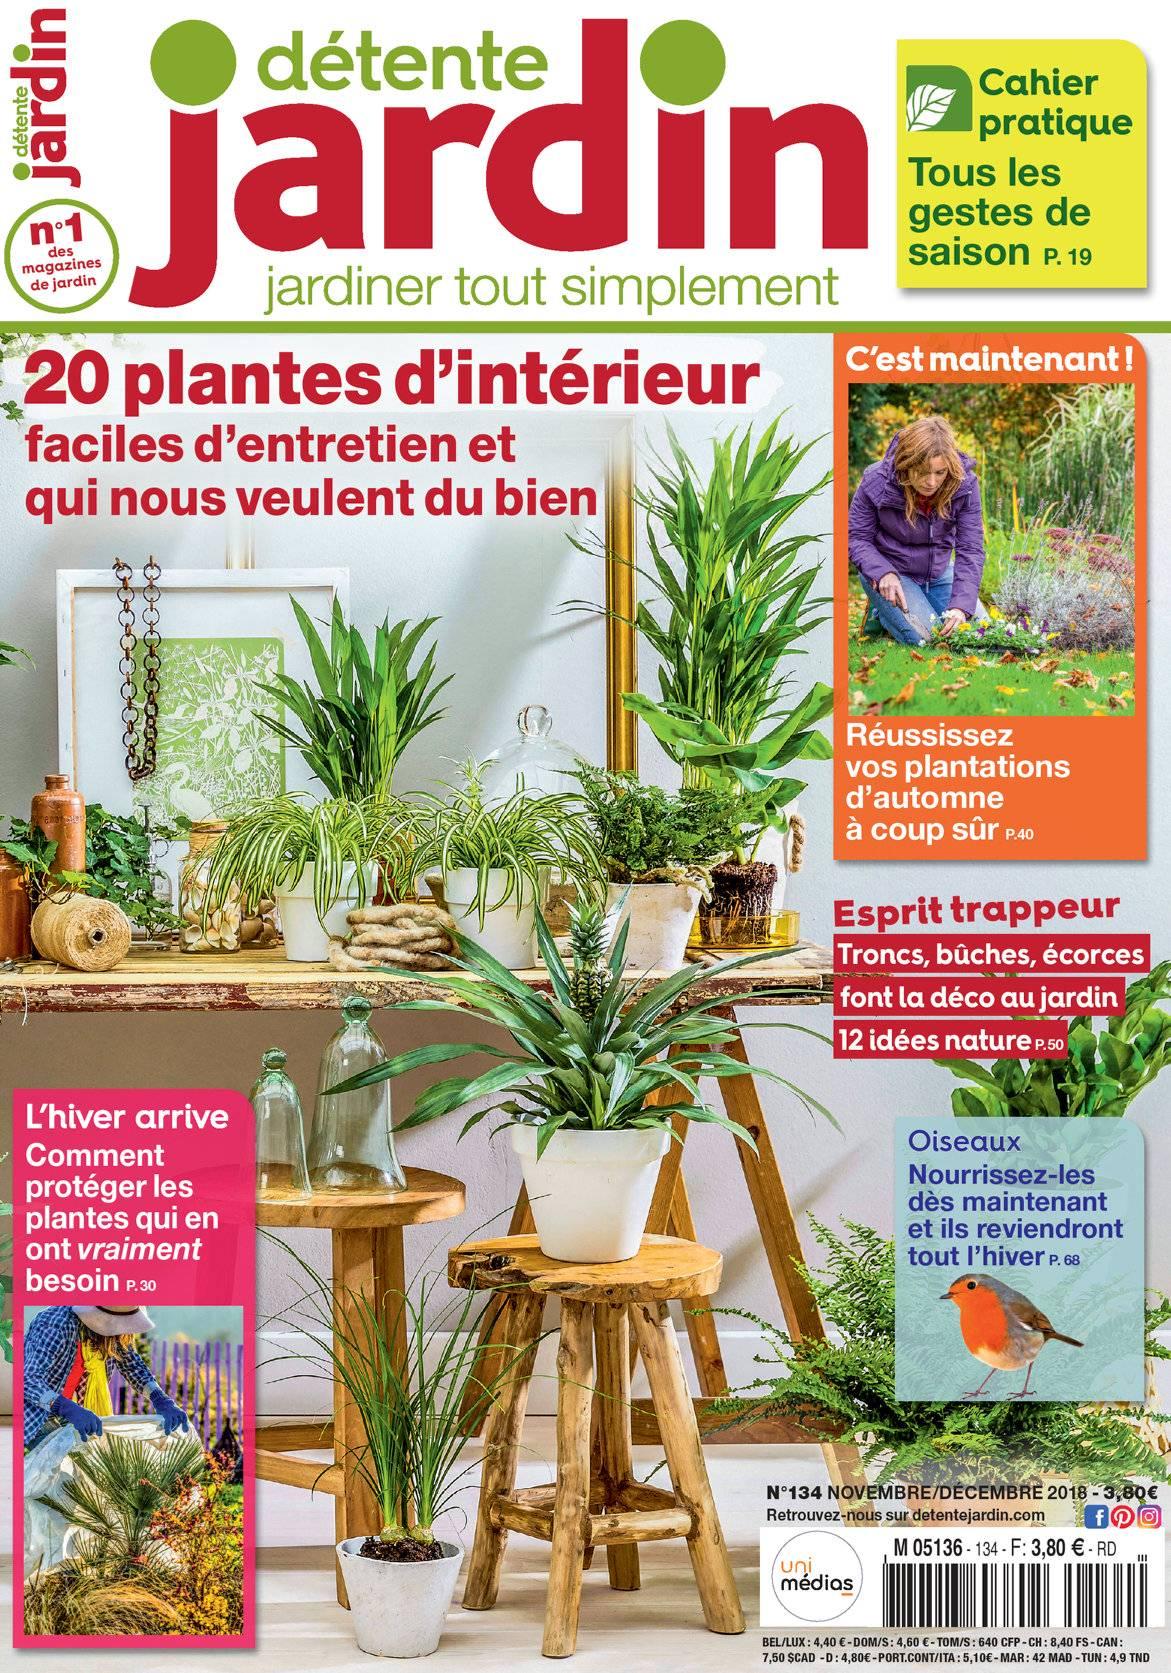 Détente Jardin Hs N° 7 intérieur Détente Jardin Magazine